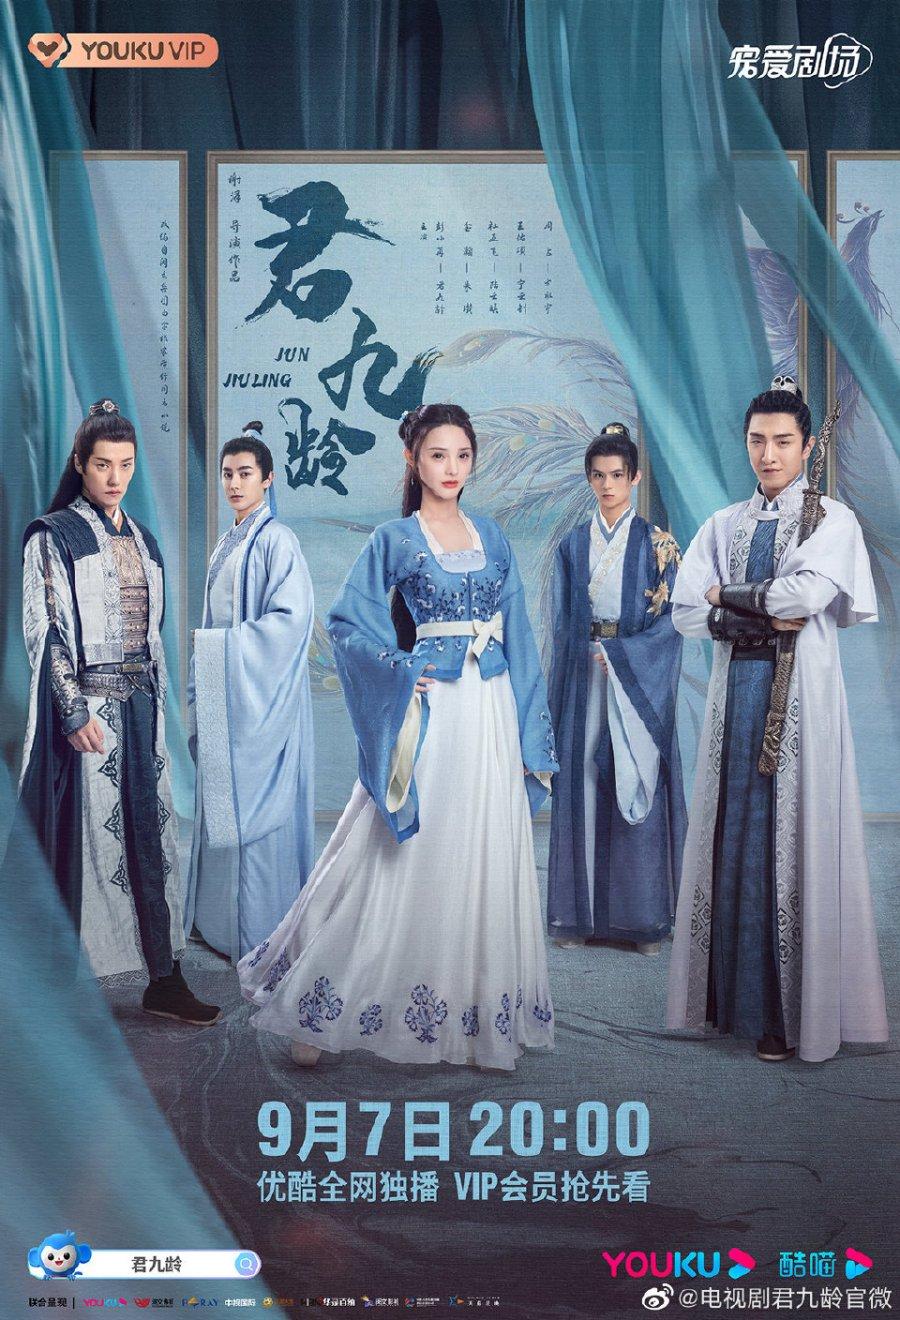 君九龄 | Jun Jiu Ling |